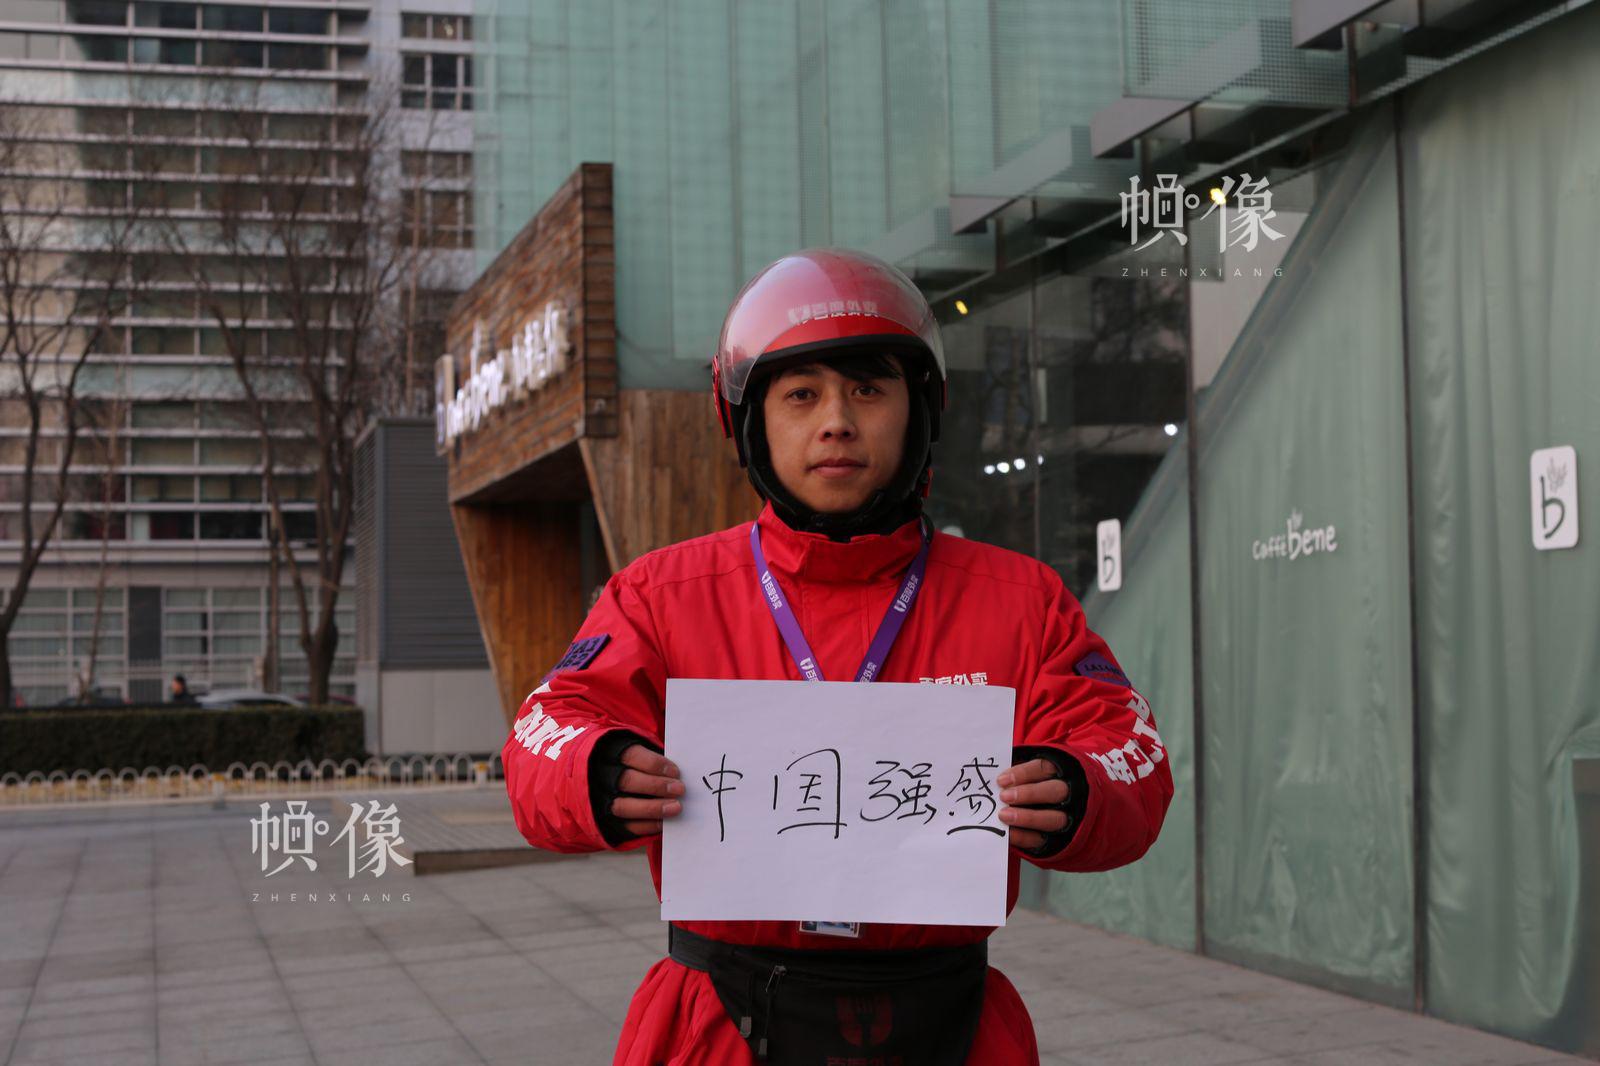 图为百度外卖骑士陈继业。中国网记者 王名扬摄